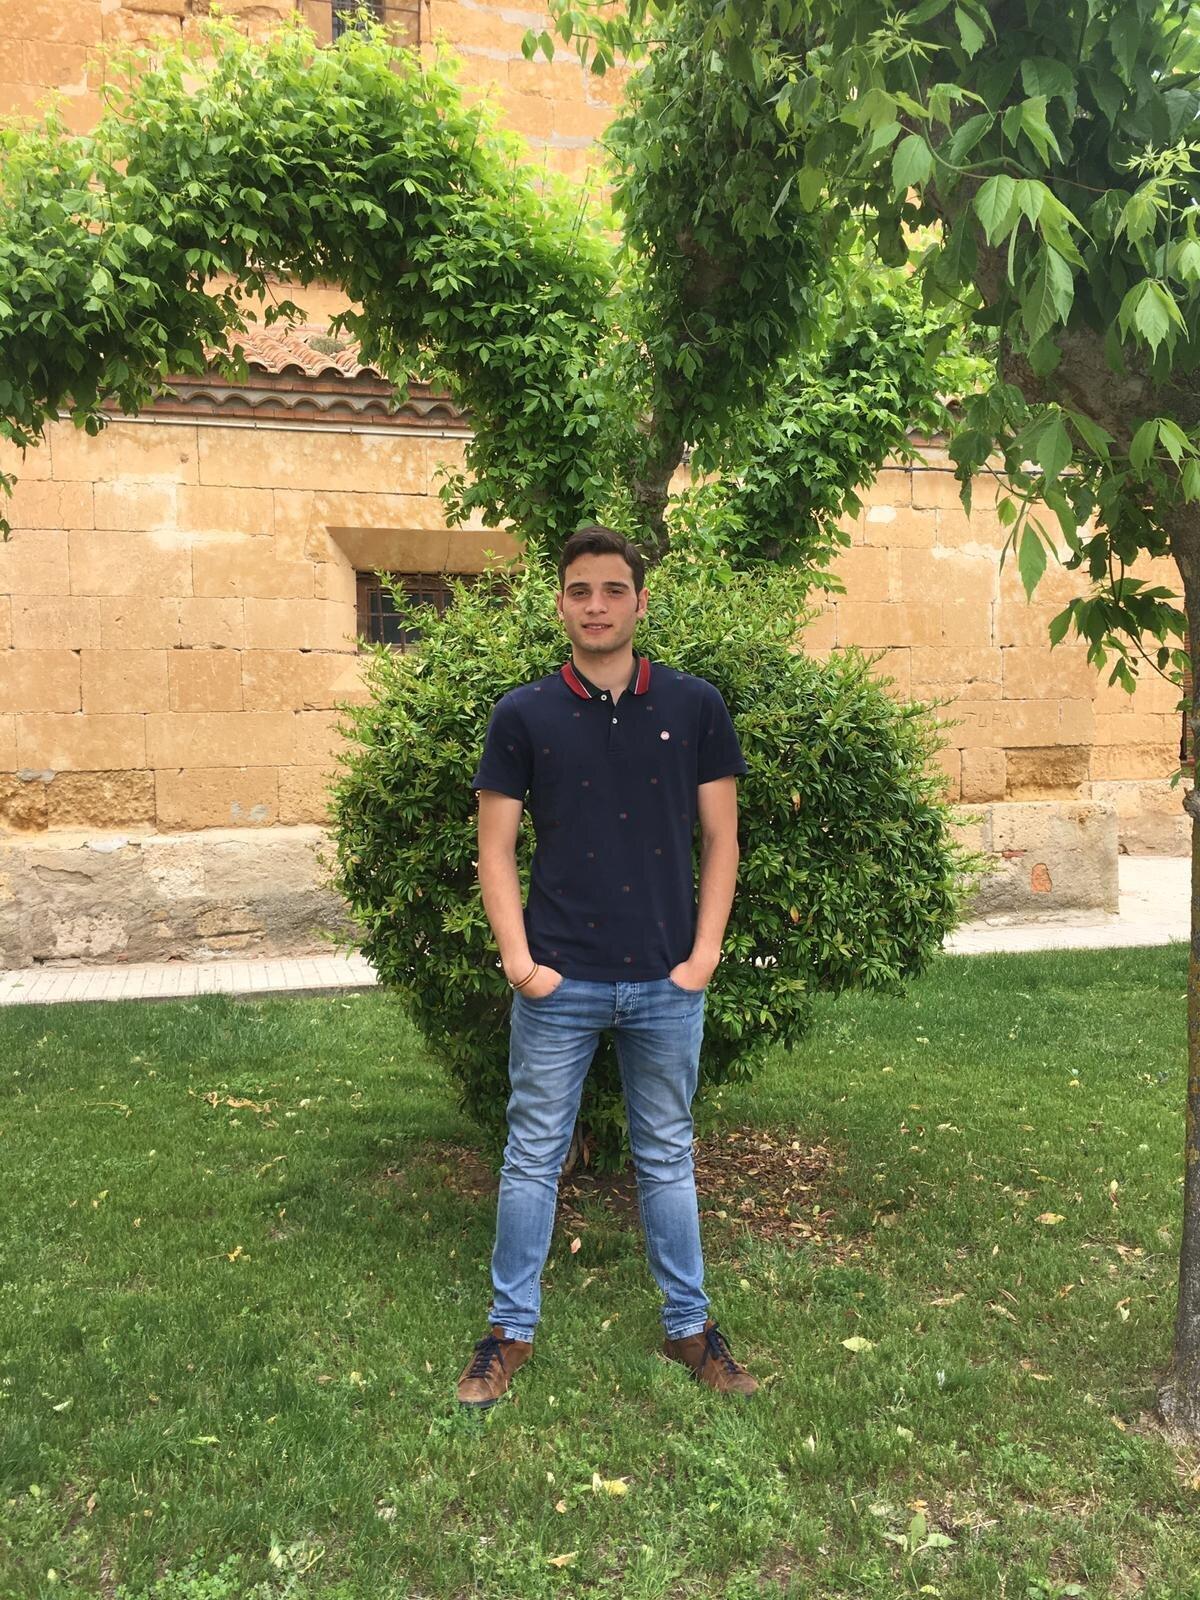 Entrevista al candidato a alcalde más joven de España: